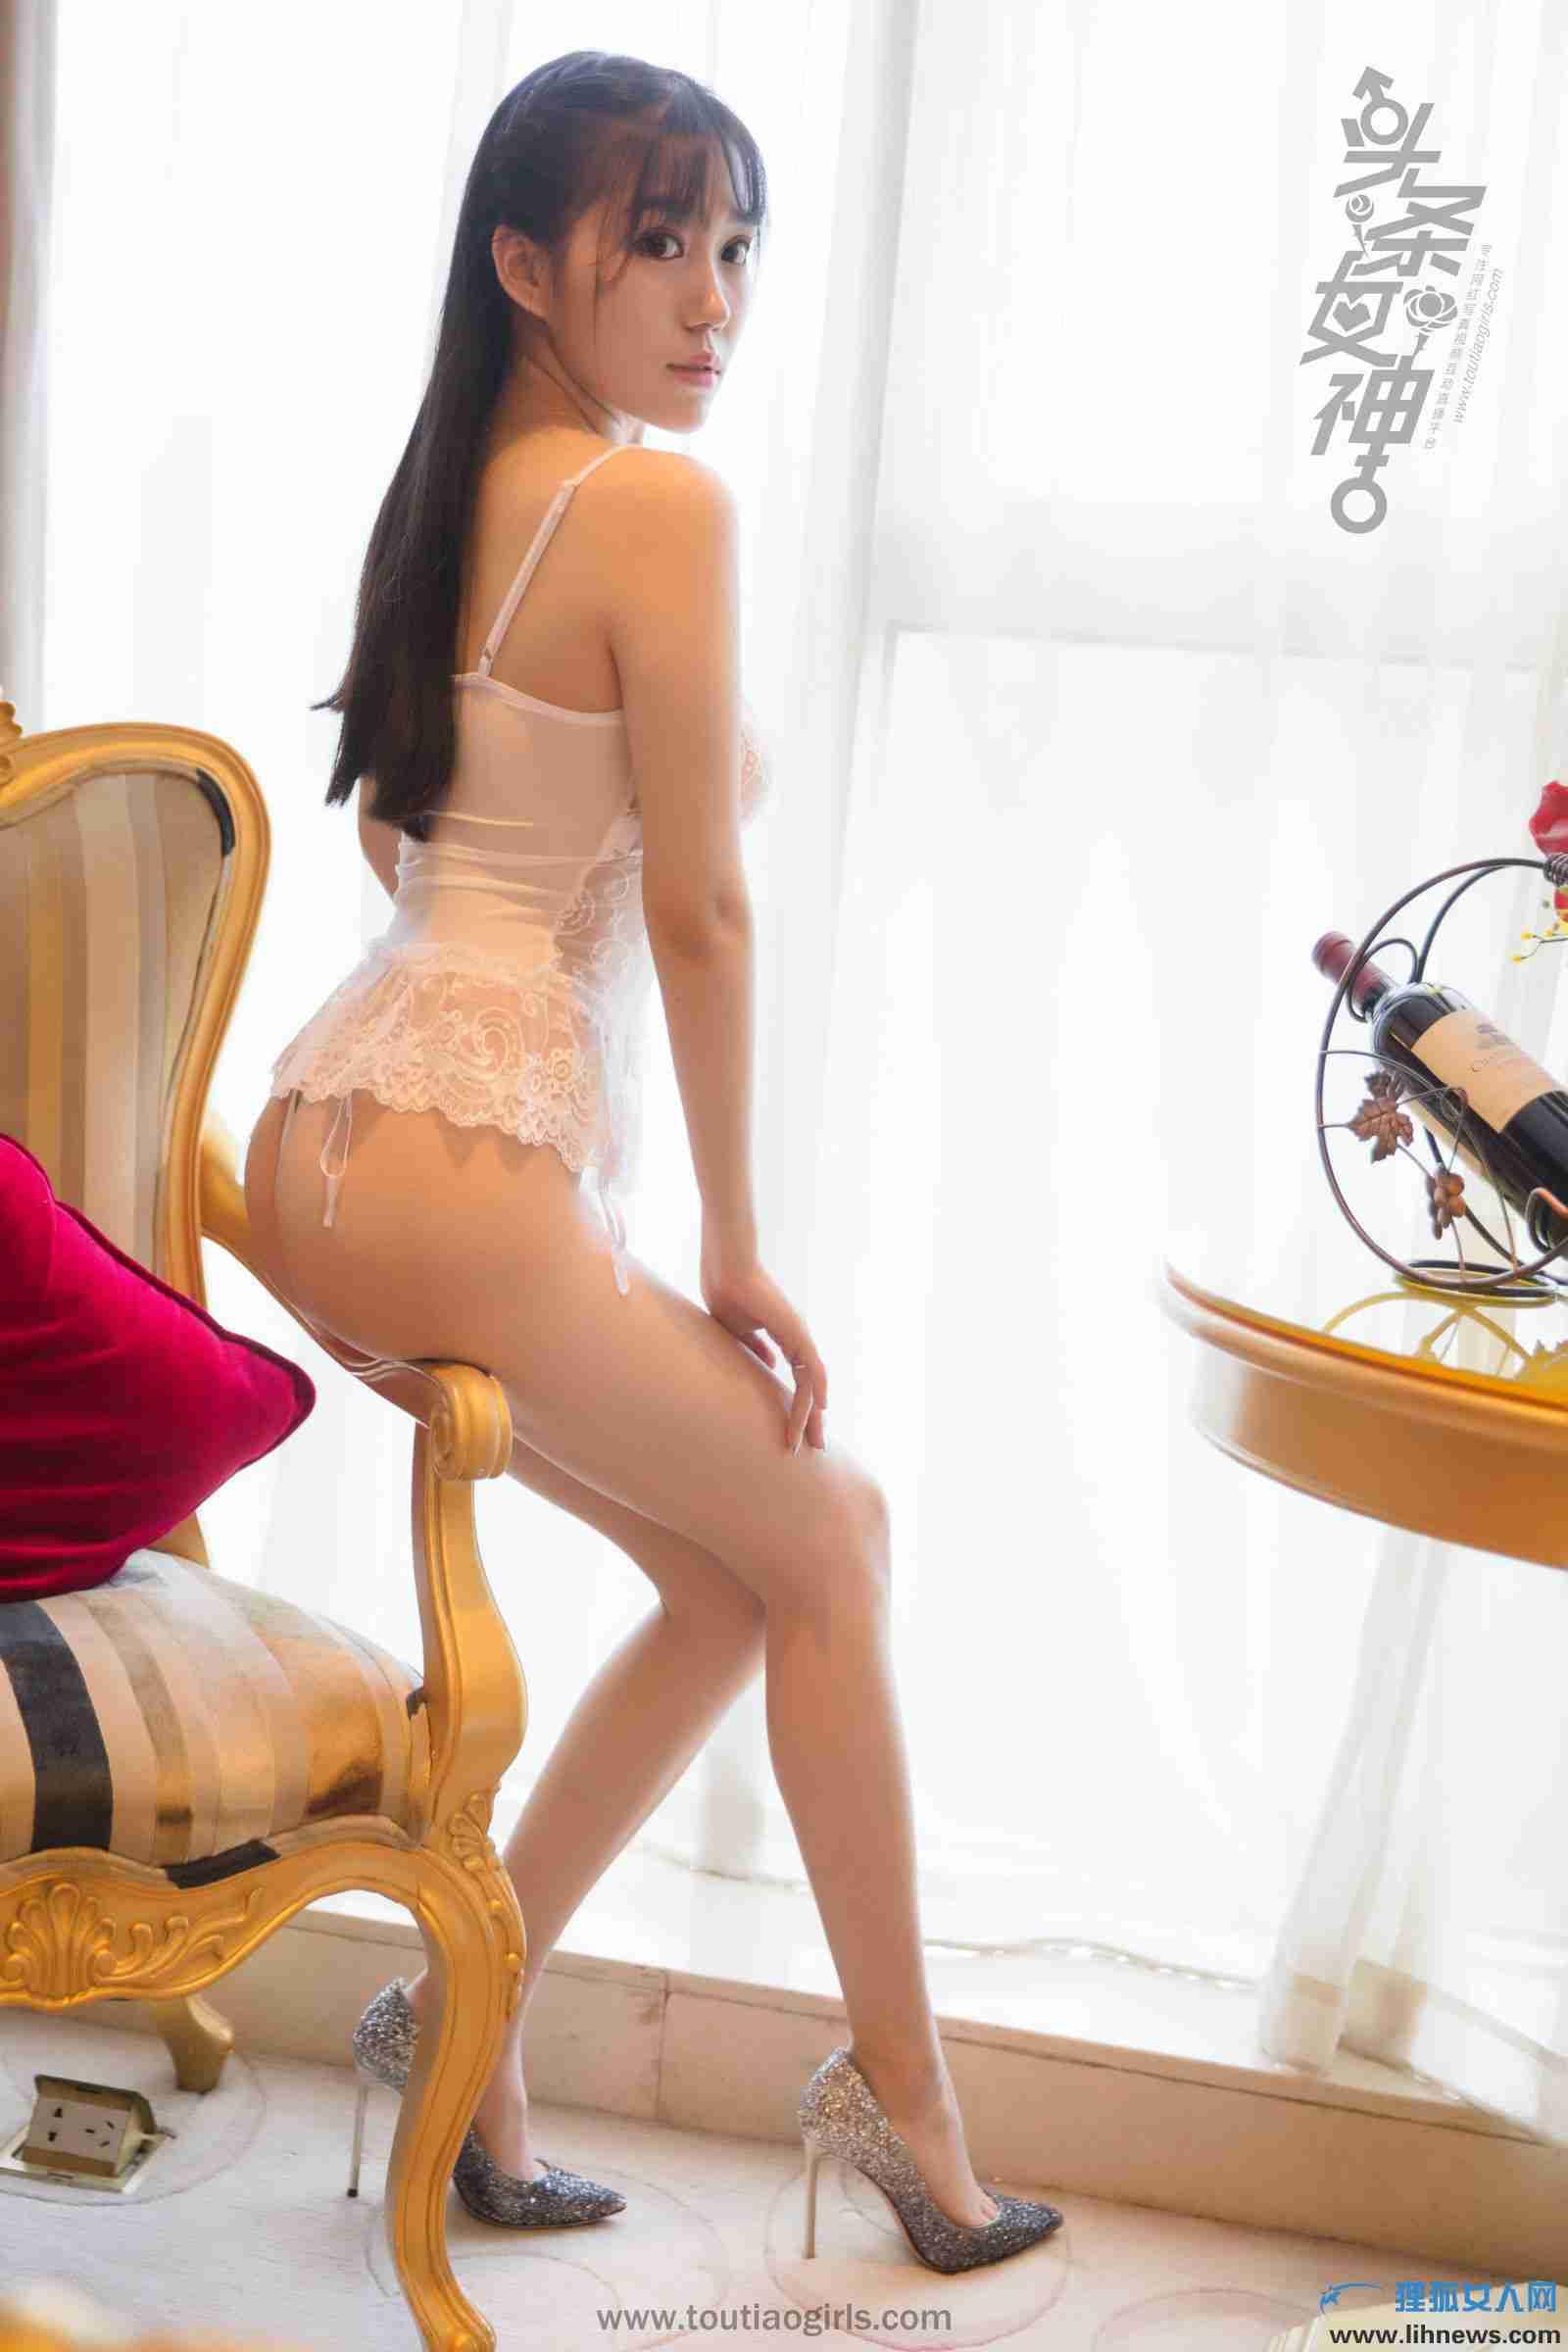 陈亦菲 - 究极美腿杀 写真套图